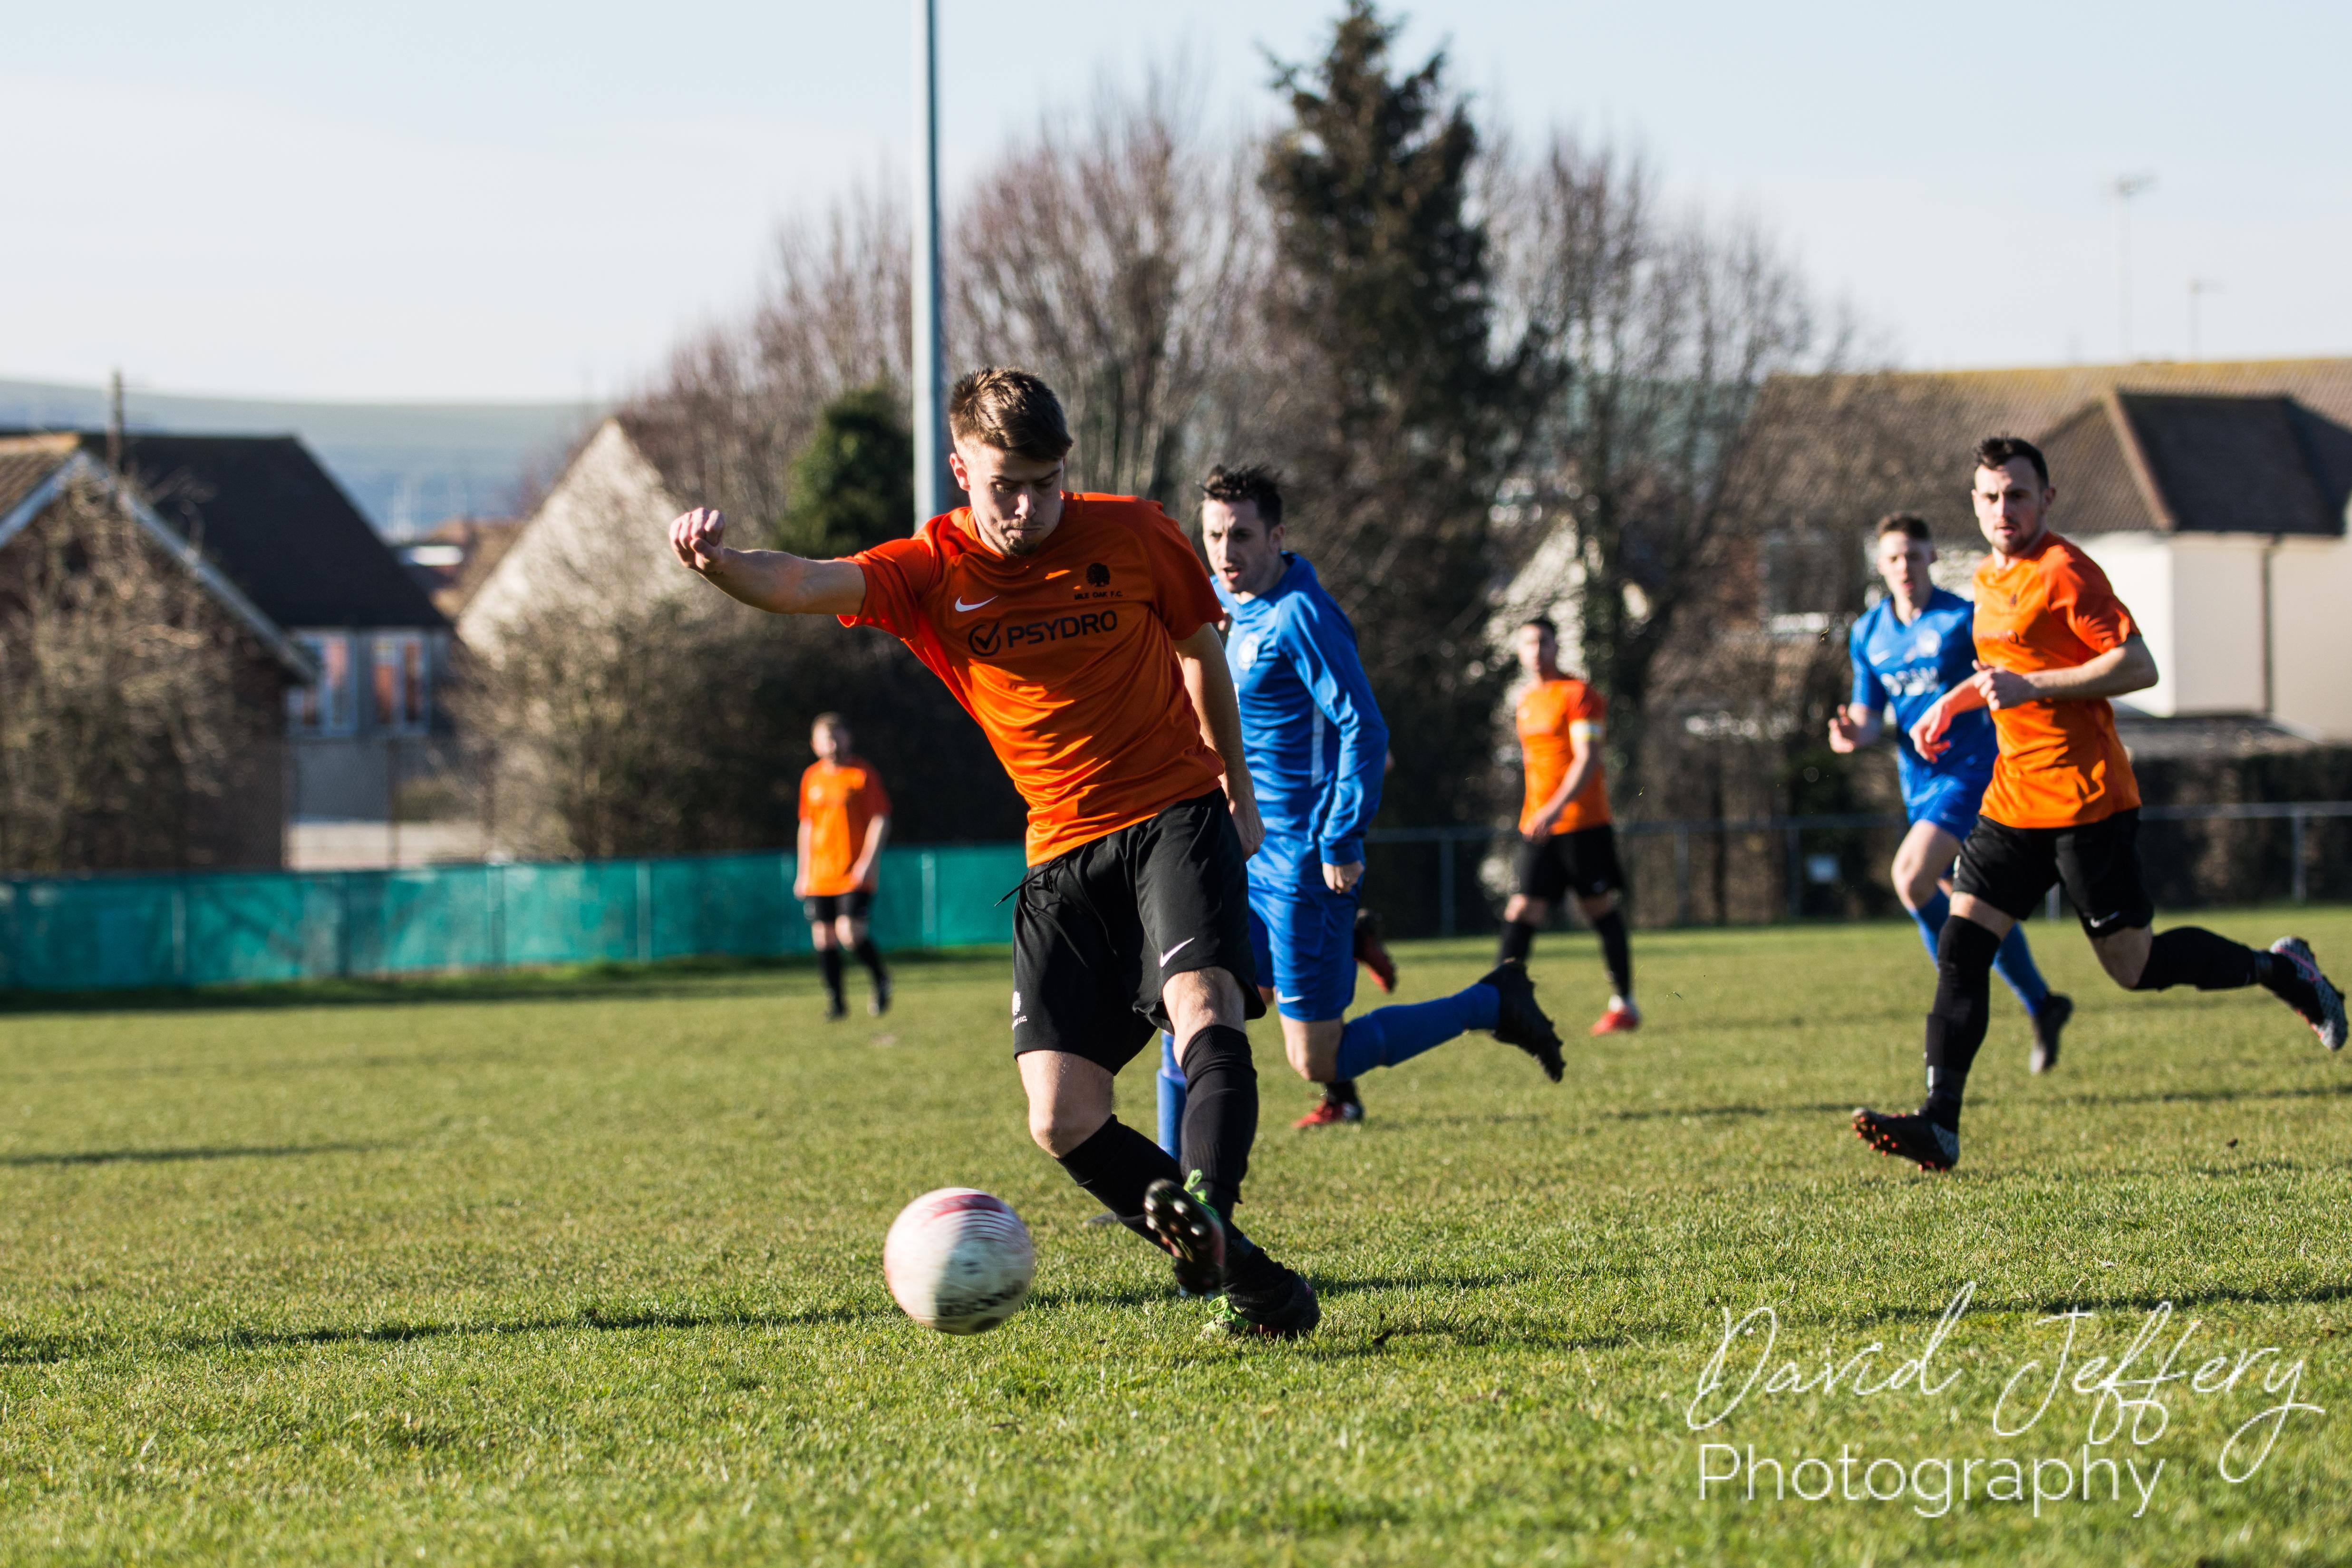 DAVID_JEFFERY MOFC vs Storrington 016